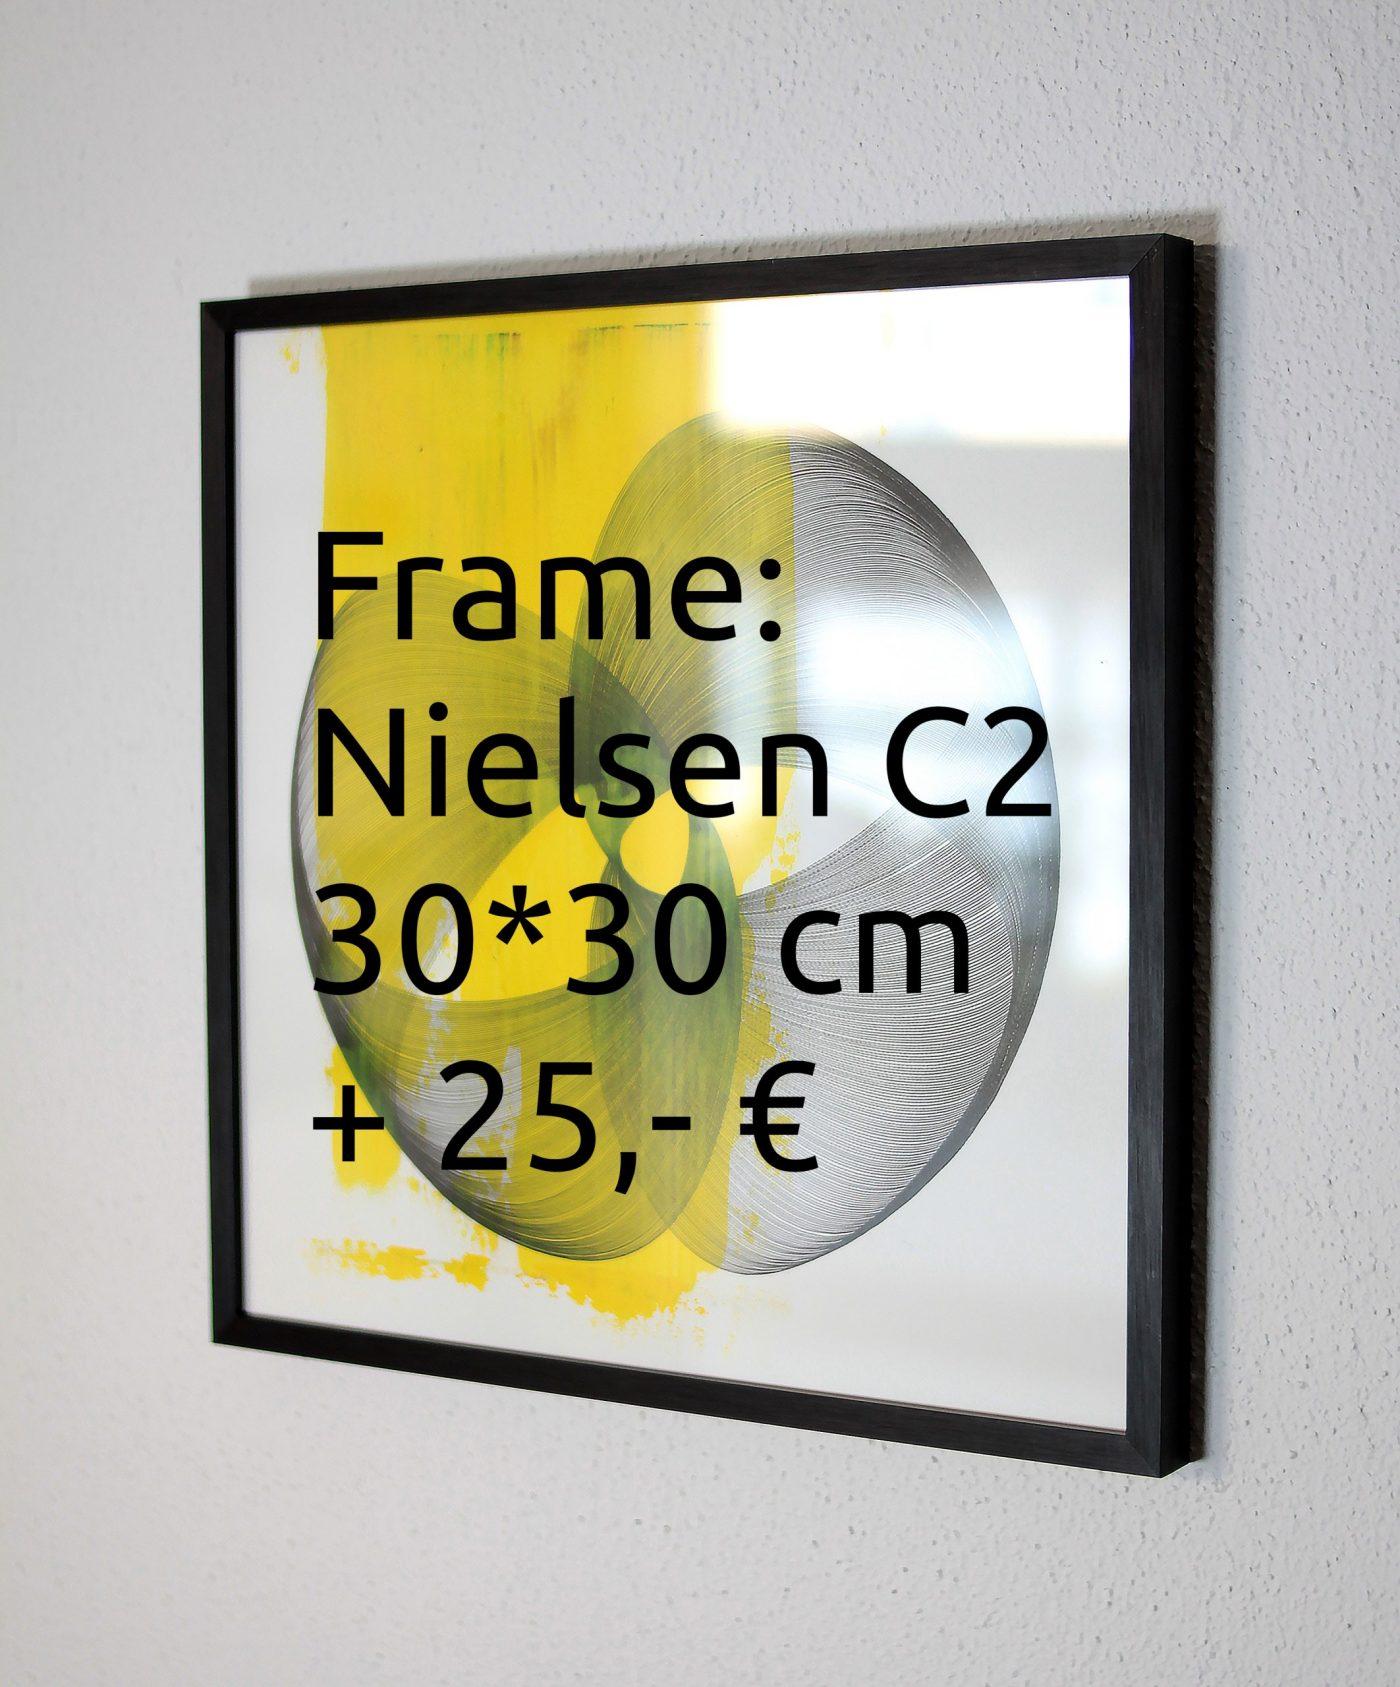 Frame: Nielsen C2